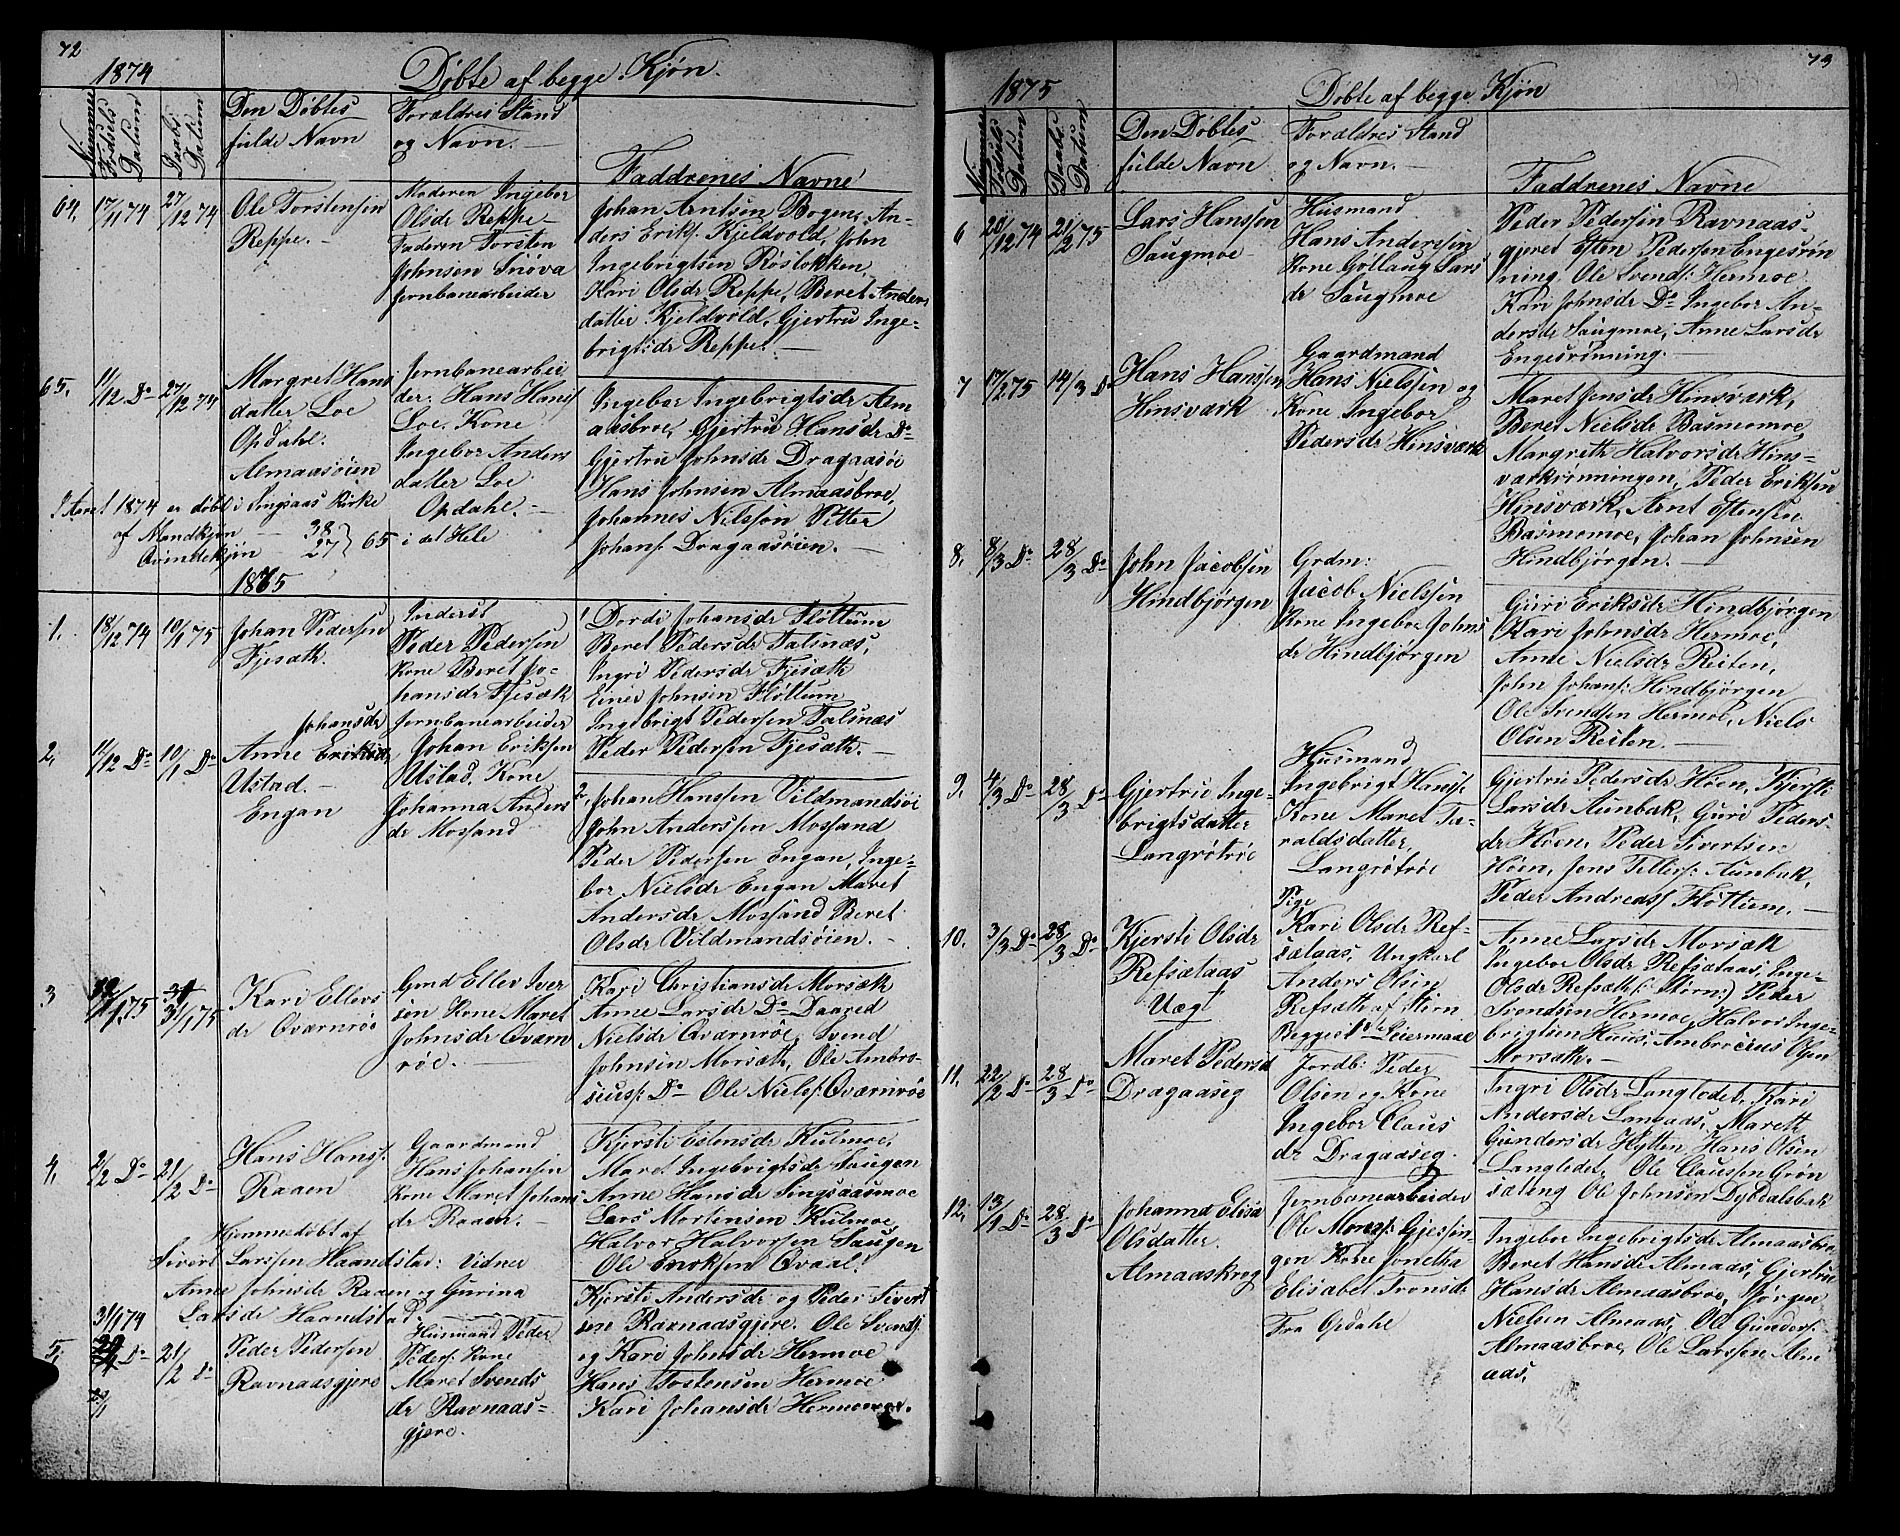 SAT, Ministerialprotokoller, klokkerbøker og fødselsregistre - Sør-Trøndelag, 688/L1027: Klokkerbok nr. 688C02, 1861-1889, s. 72-73